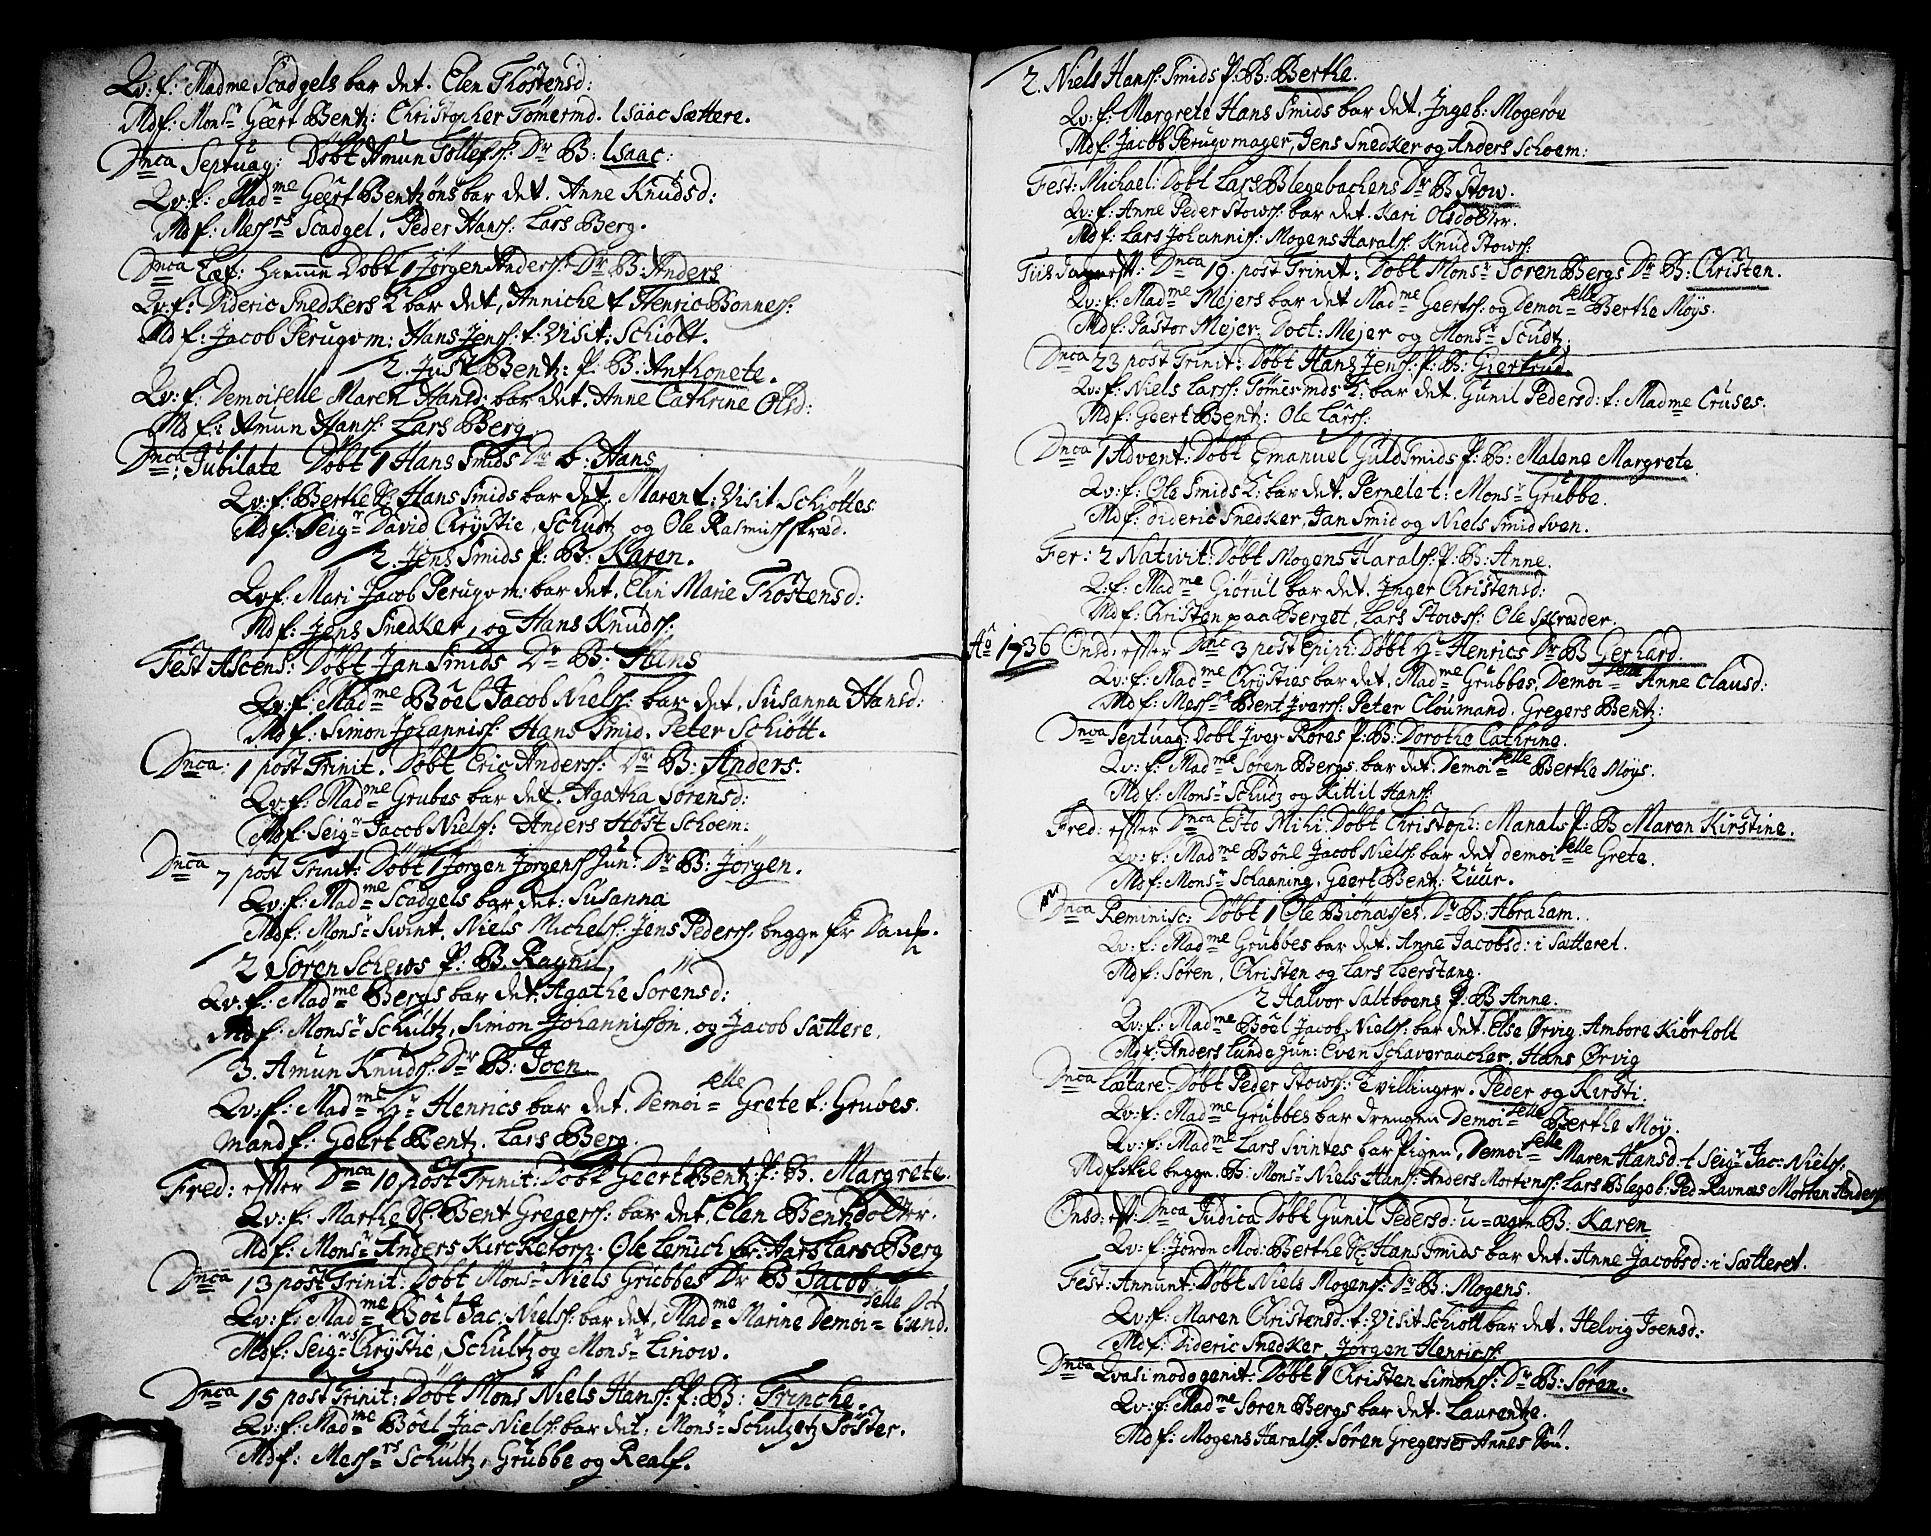 SAKO, Brevik kirkebøker, F/Fa/L0002: Ministerialbok nr. 2, 1720-1764, s. 34f